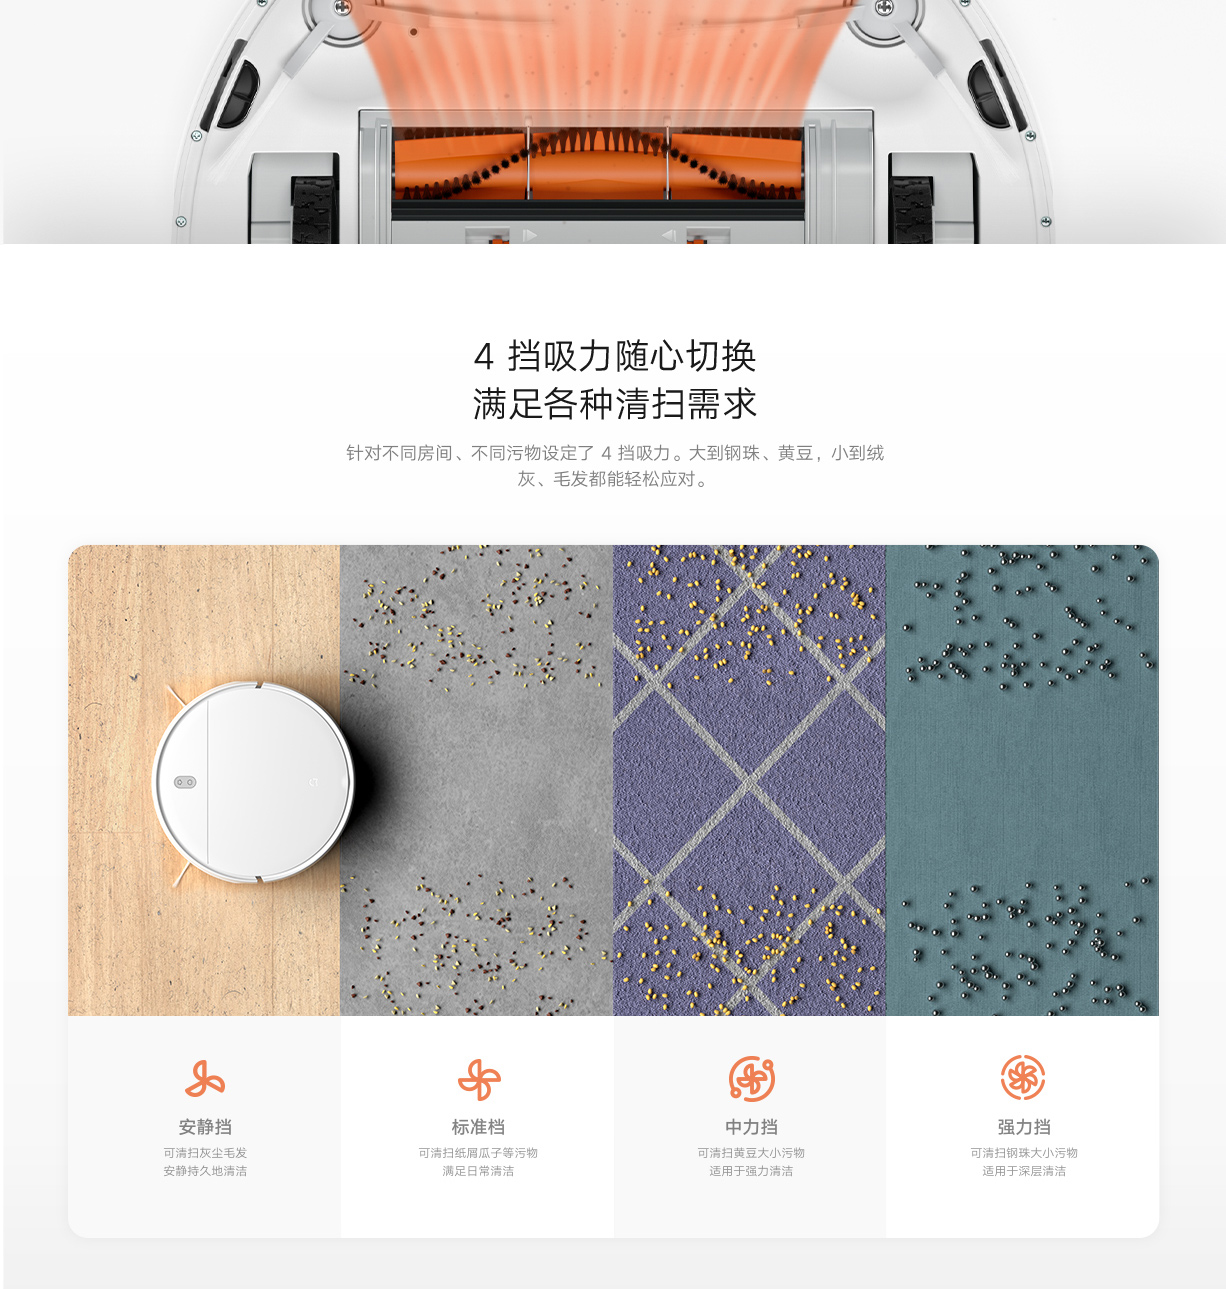 Новый робот-пылесос Xiaomi сфункцией влажной уборки